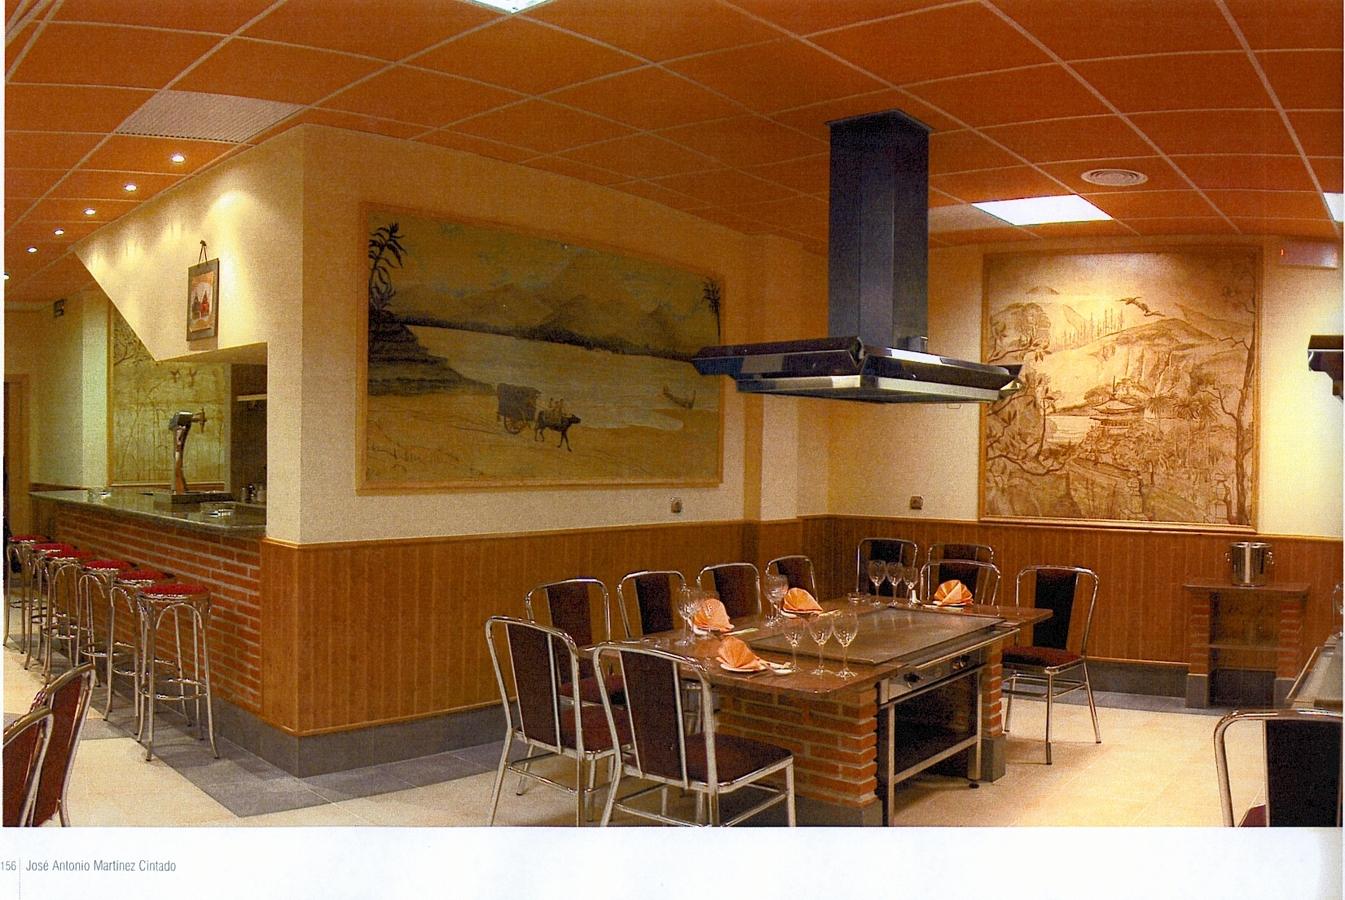 Foto proyecto de dise o y acondicionamiento de local comercial para restaurante de acima - Foto foto interior ...